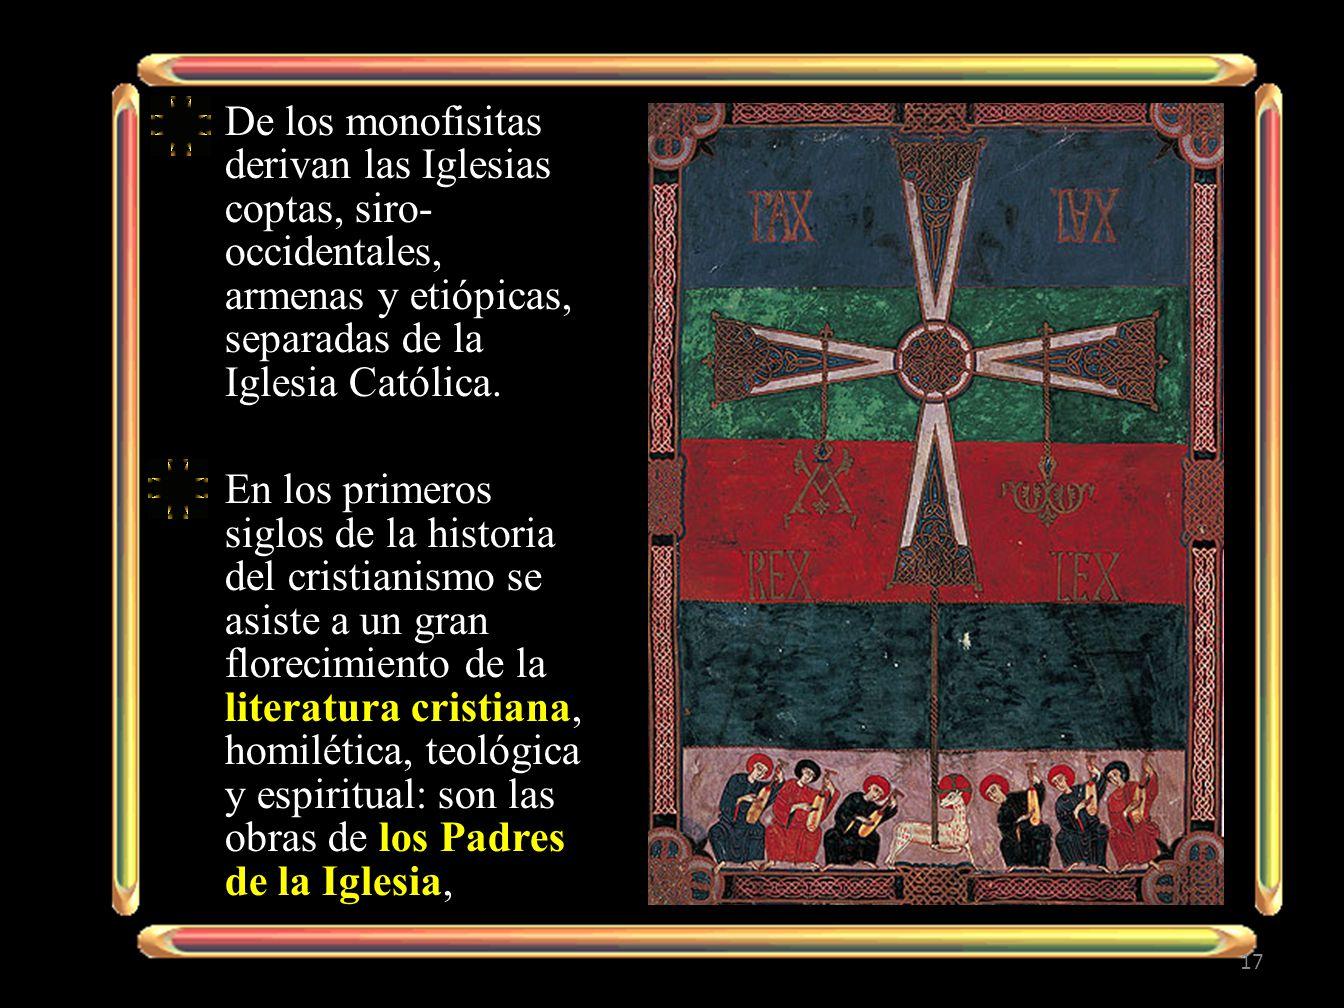 De los monofisitas derivan las Iglesias coptas, siro-occidentales, armenas y etiópicas, separadas de la Iglesia Católica.